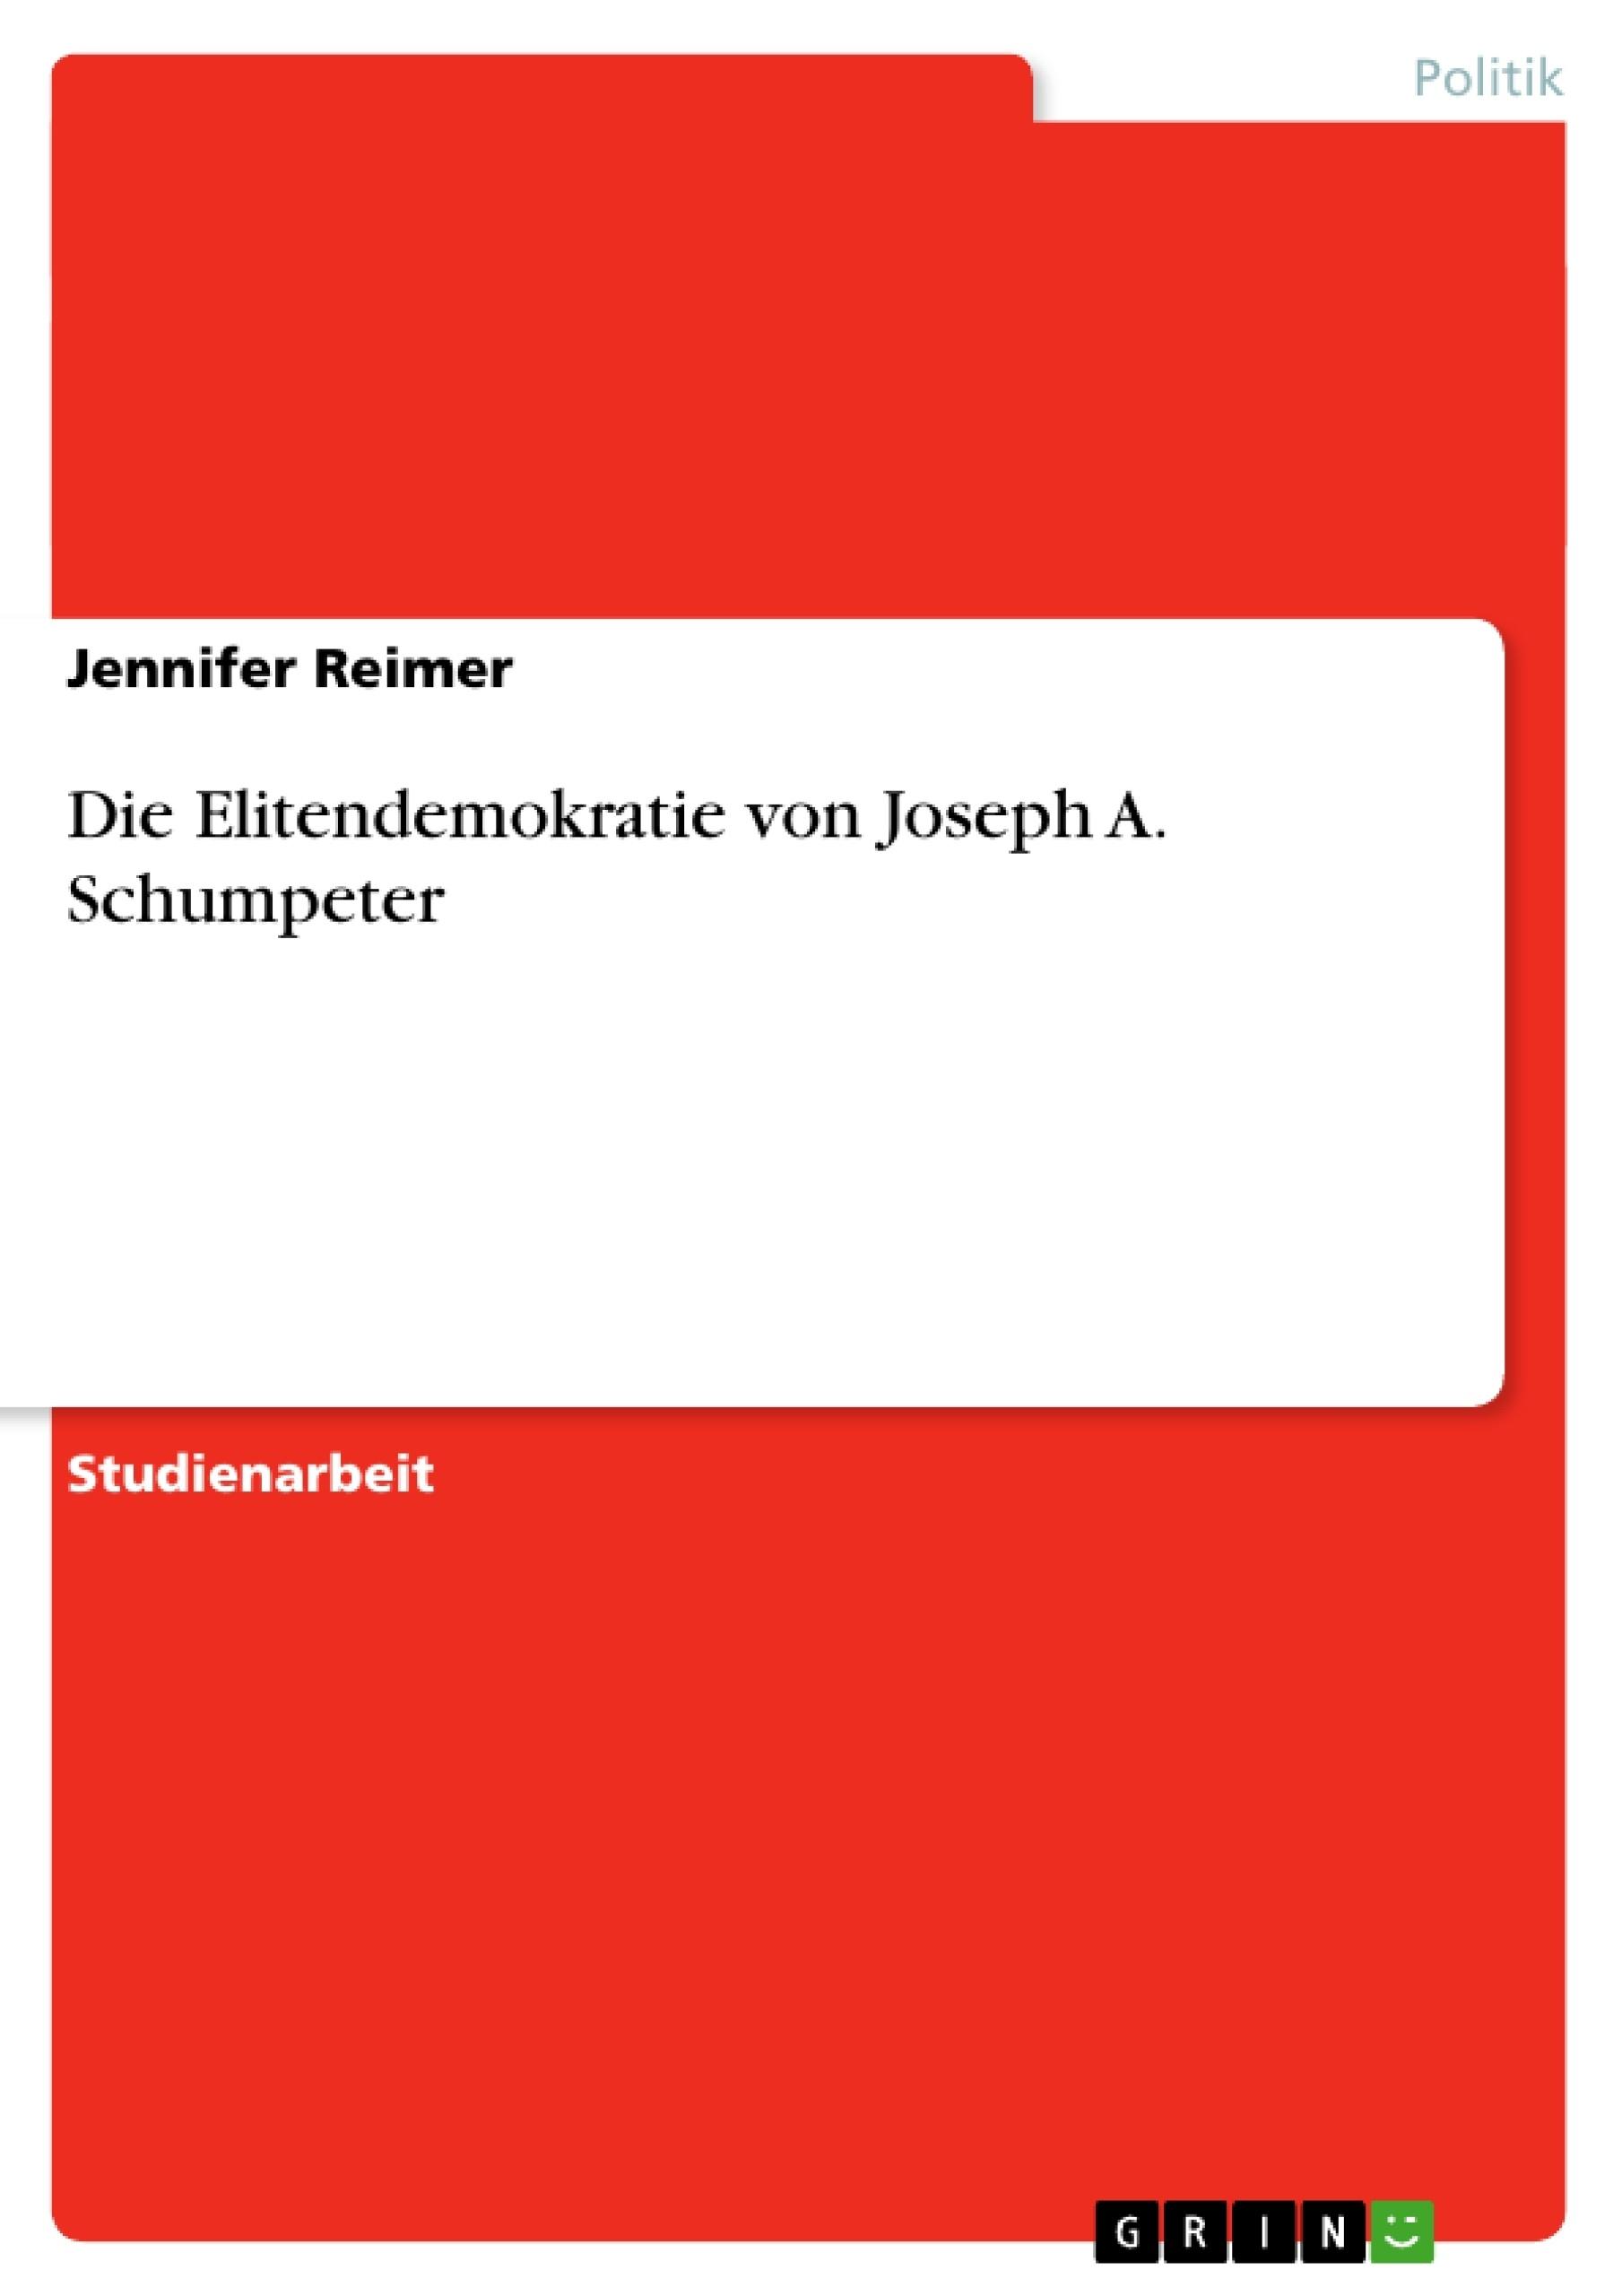 Titel: Die Elitendemokratie von Joseph A. Schumpeter